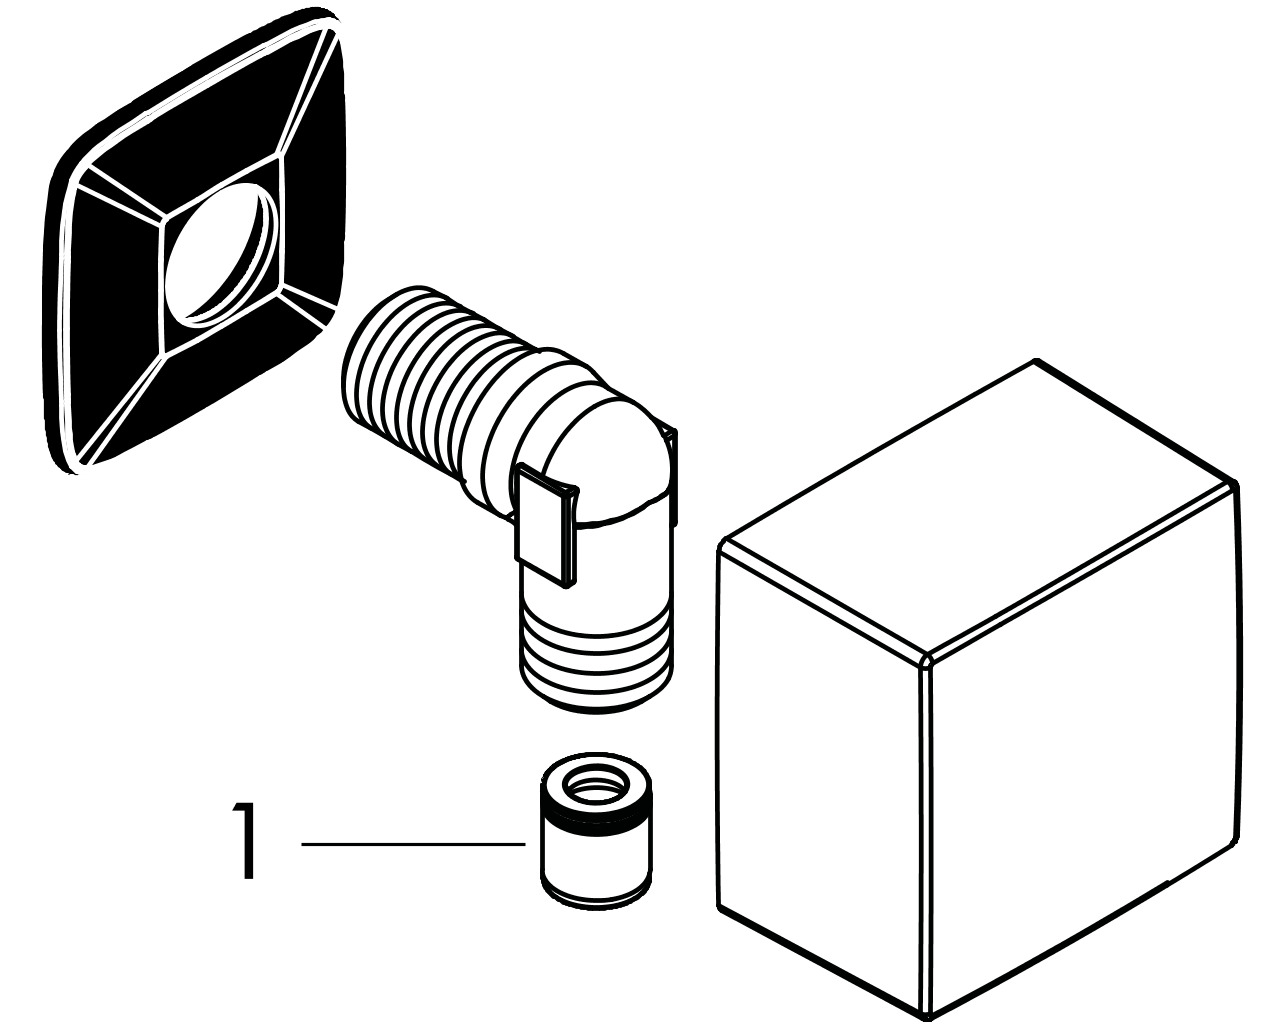 HG Schlauchanschluss DN15 Fixfit Square mit Rückflussverhinderer mattschwarz